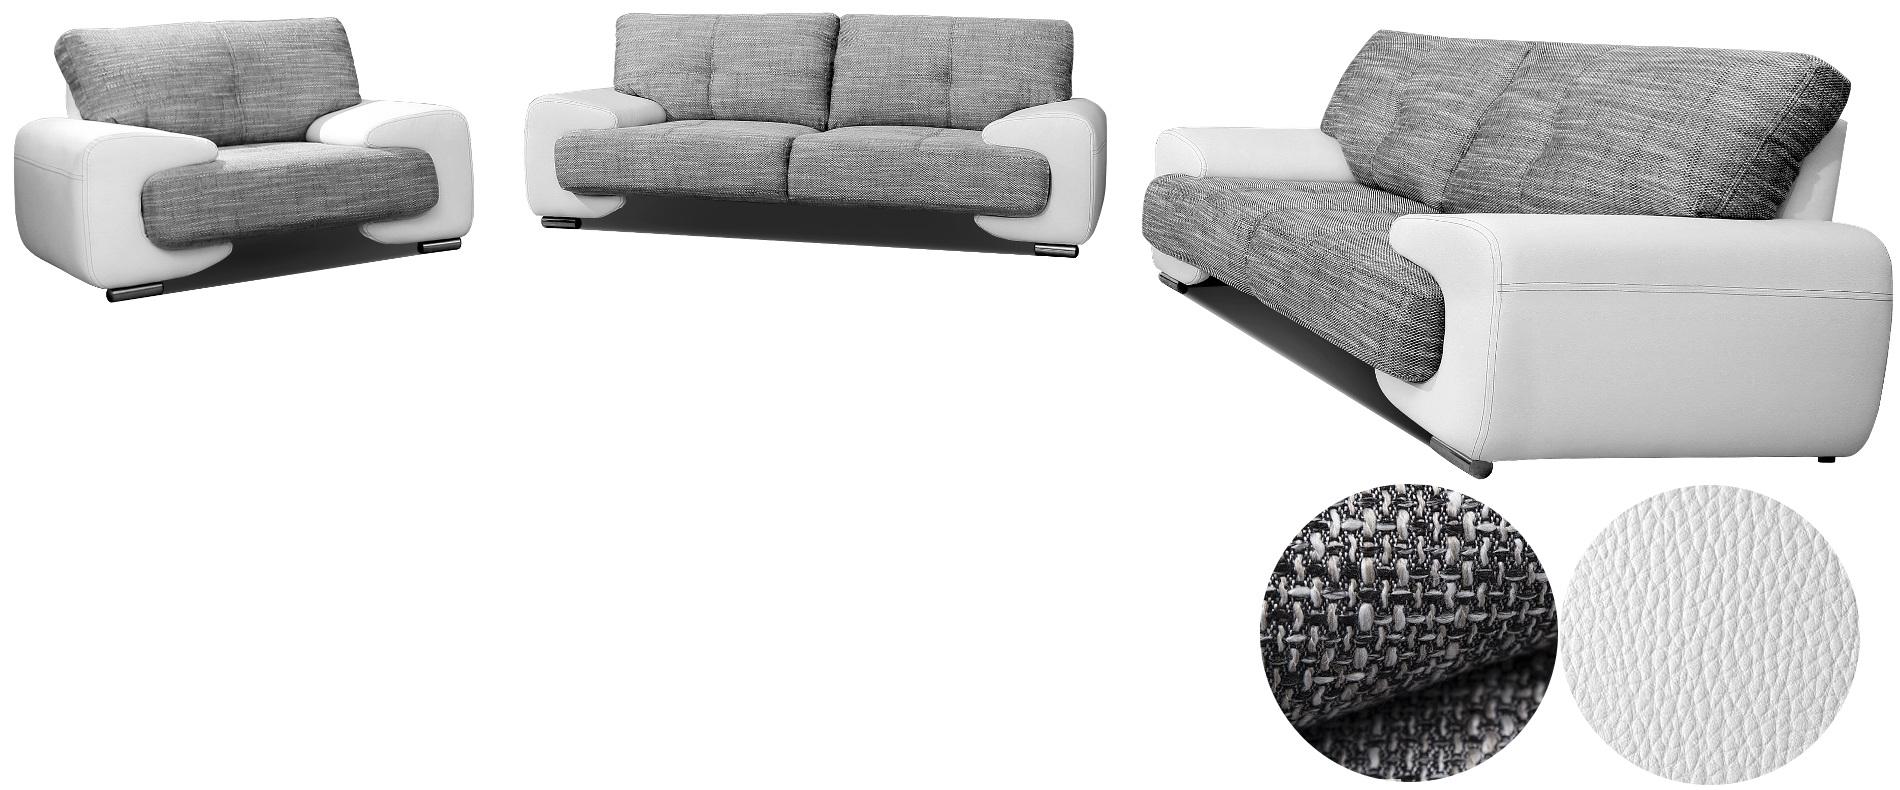 Polstergarnituren 3er 2er Und Sessel 3er Sofa Mit Schlaffunktion